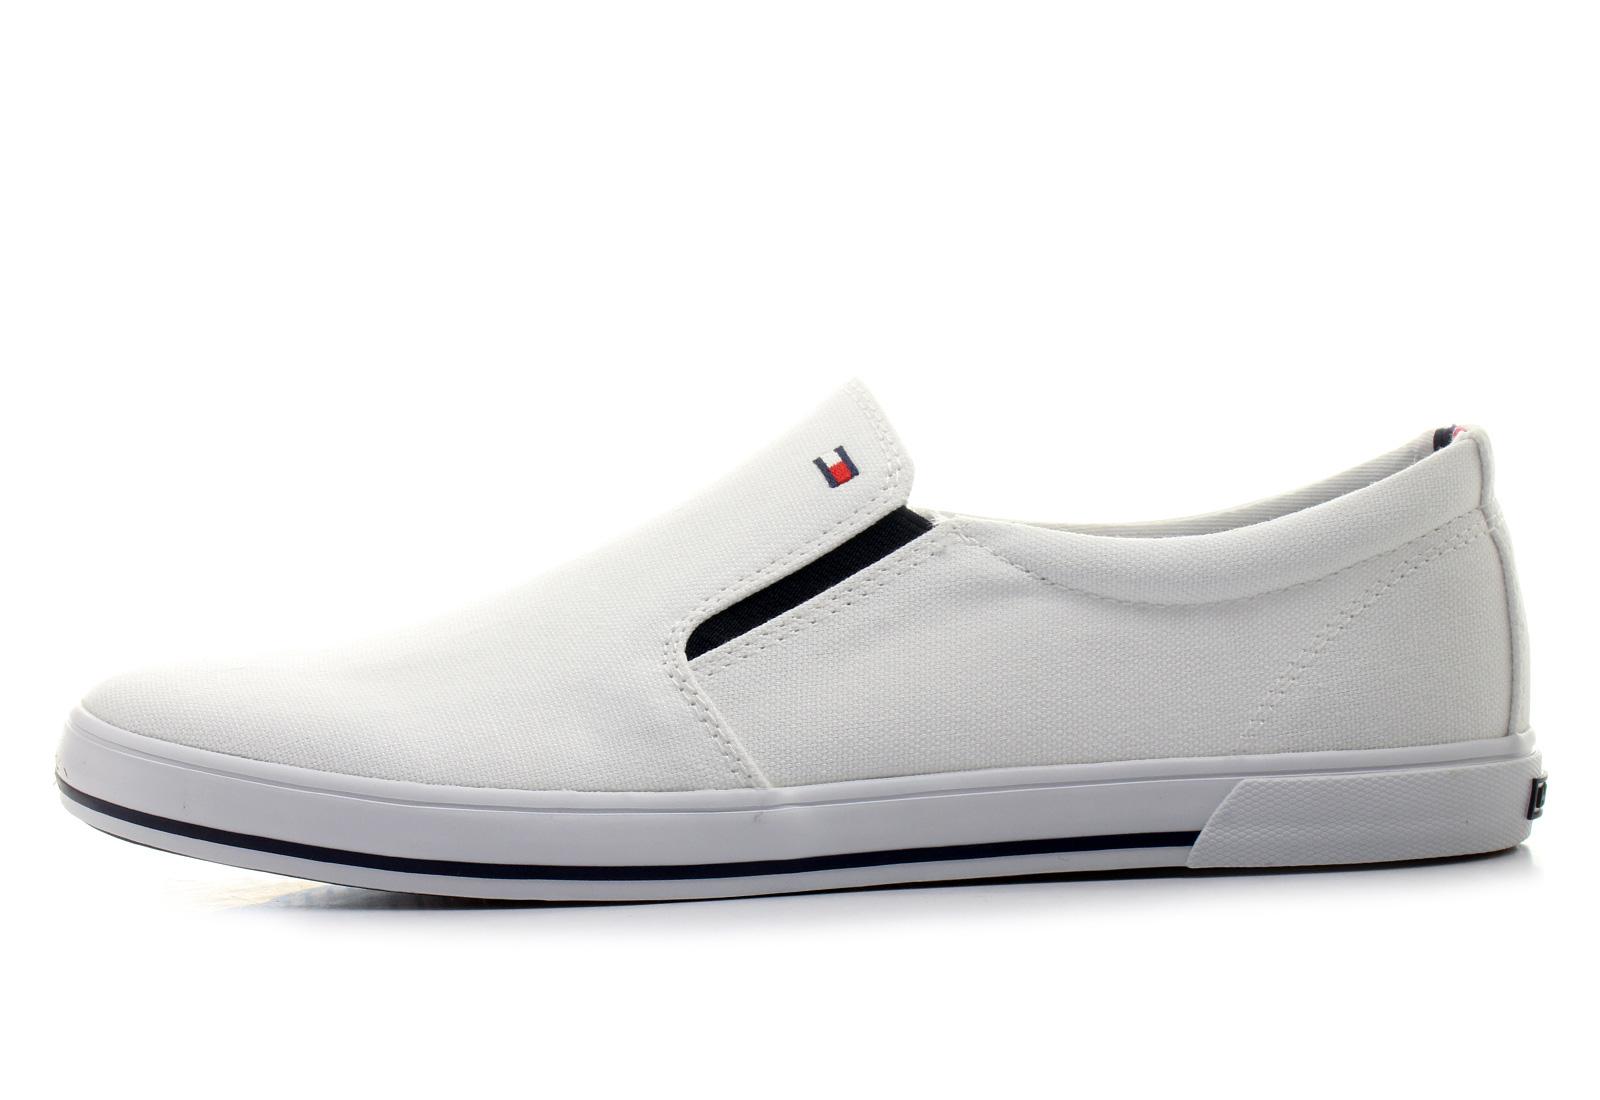 Tommy Hilfiger Slip-on - Harry 2d - 15S-9023-100 - Online shop for ... 732682636e